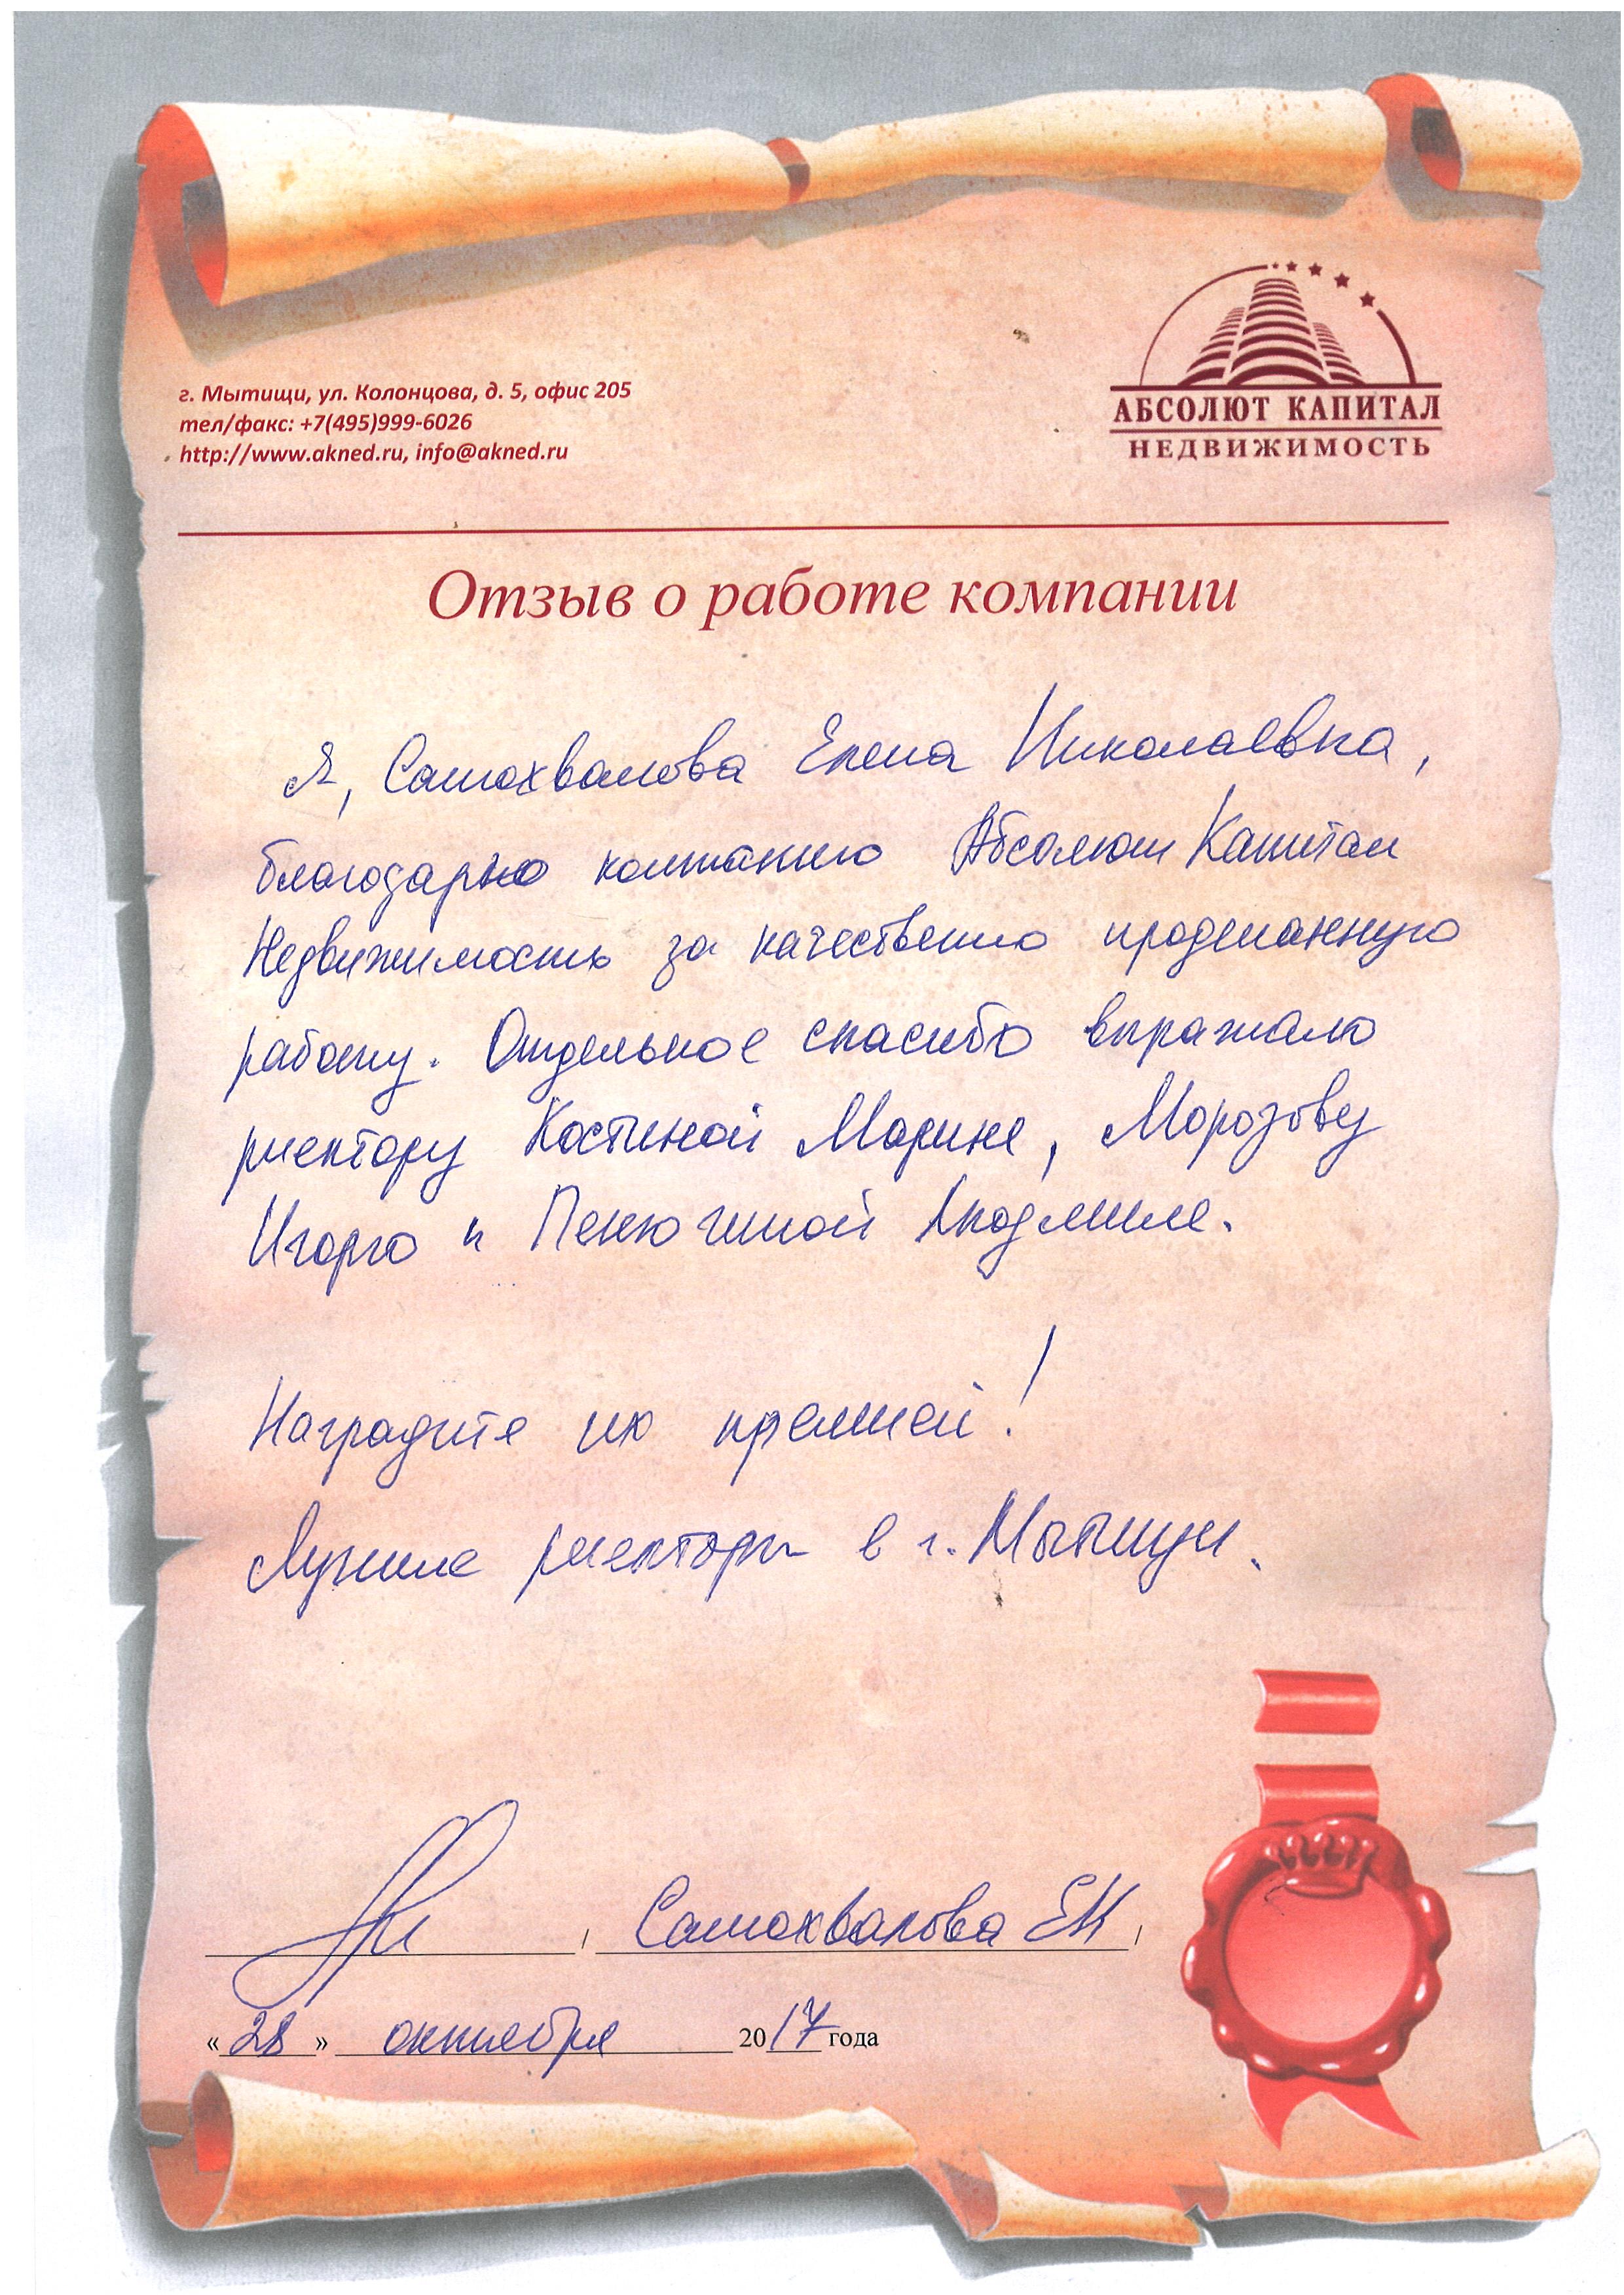 Сдать снять квартиру в Ивантеевке аренда квартир в Ивантеевке Сдать снять в аренду квартиру в Ивантеевке